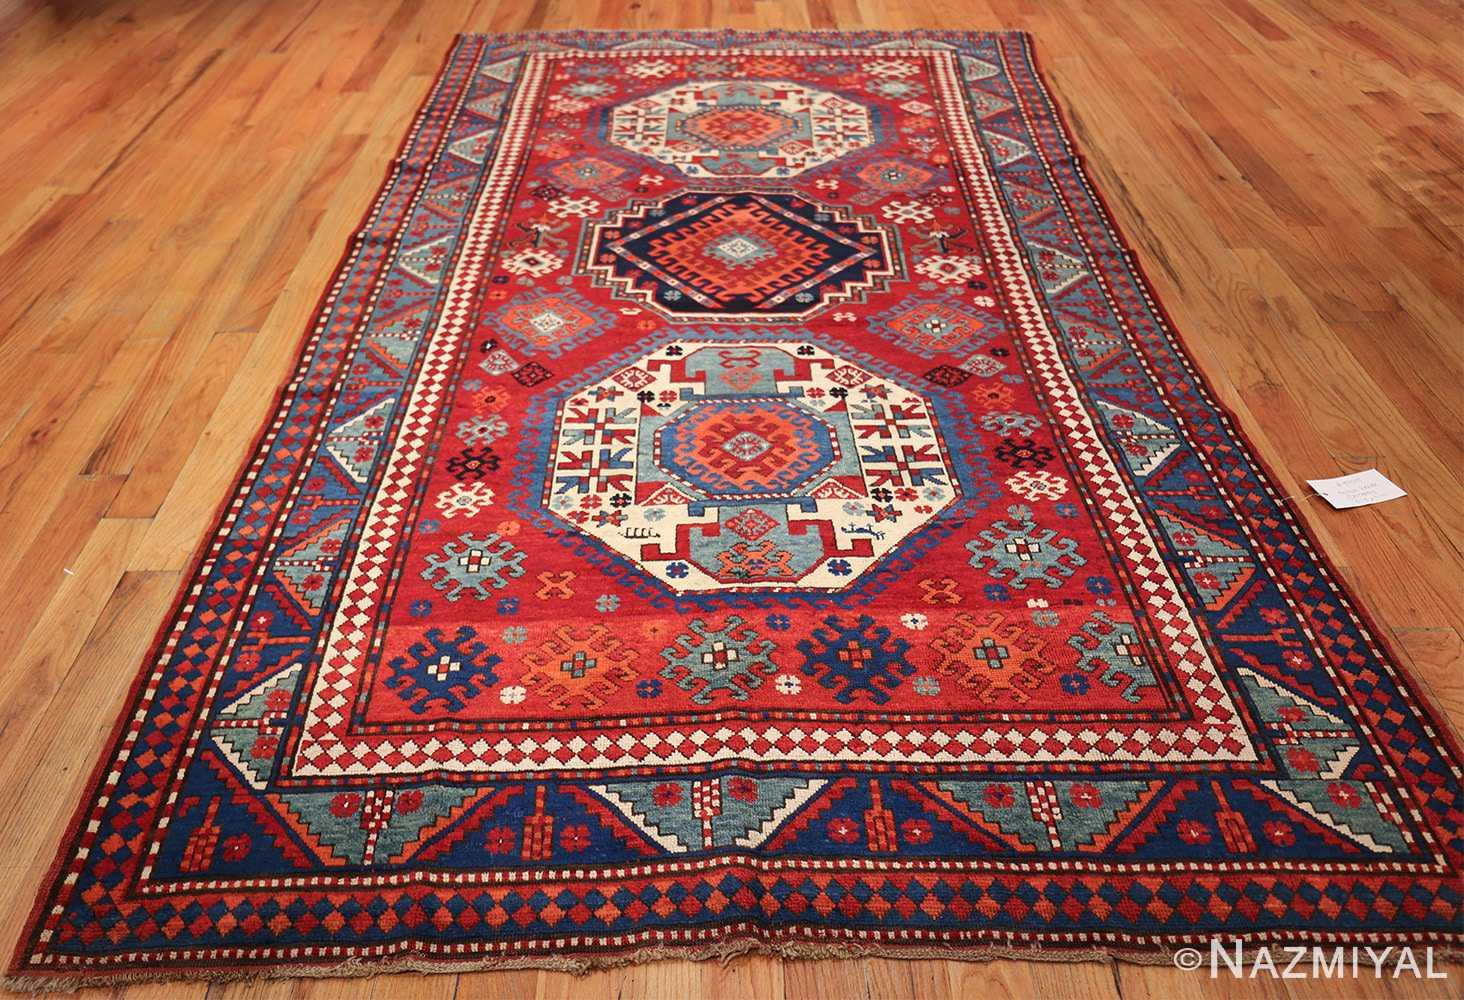 antique lori pemback design kazak caucasian rug 49509 whole Nazmiyal